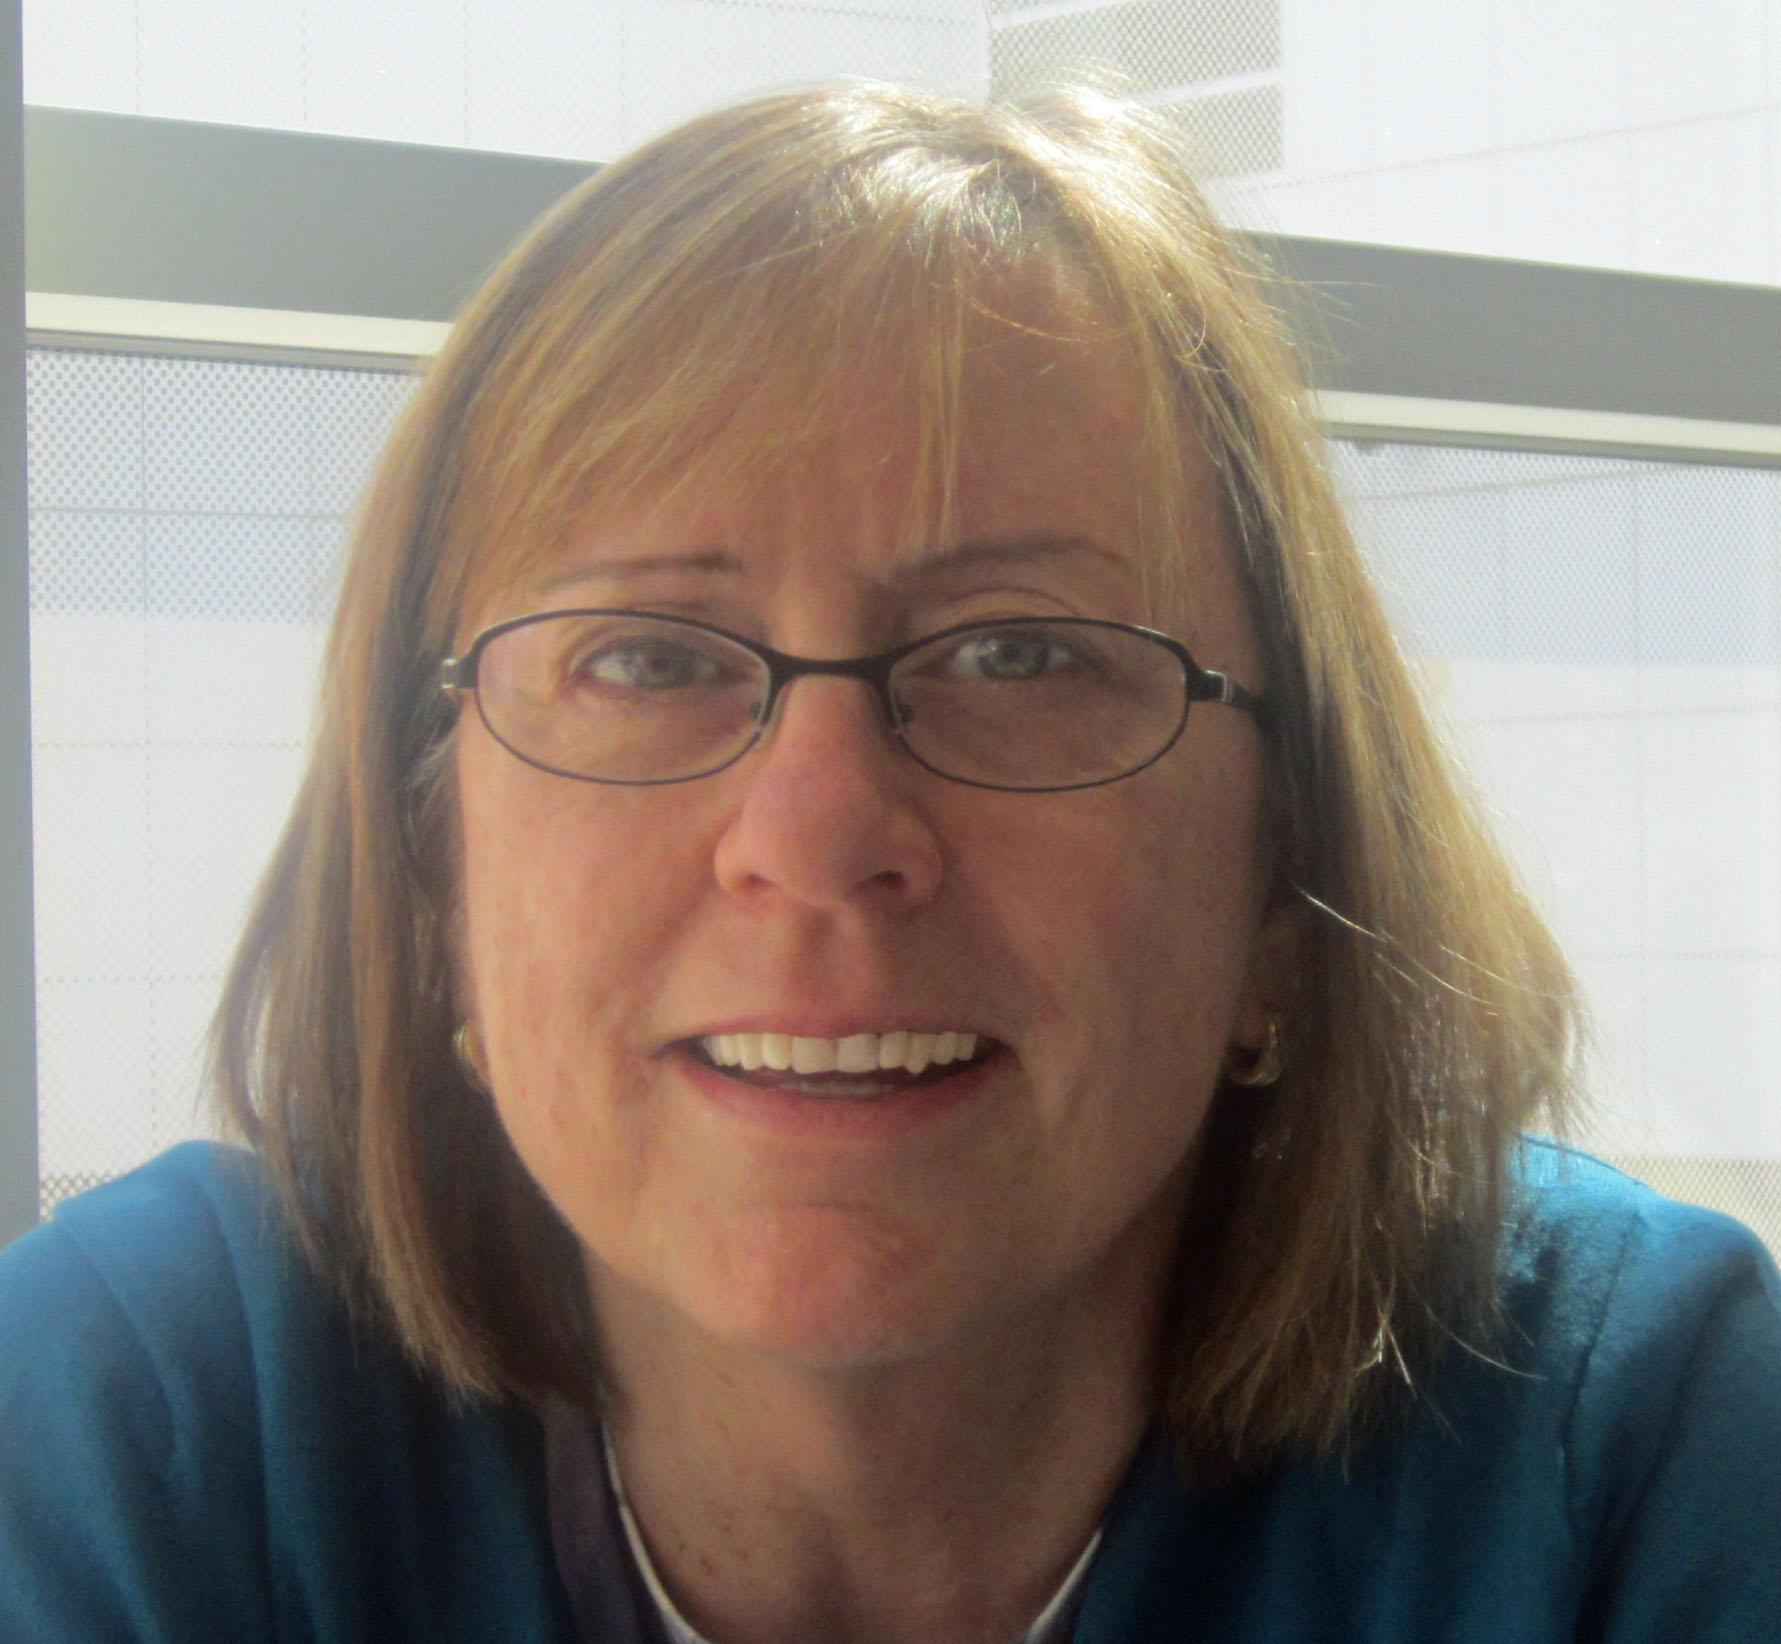 Yolanda Montes (vedette)